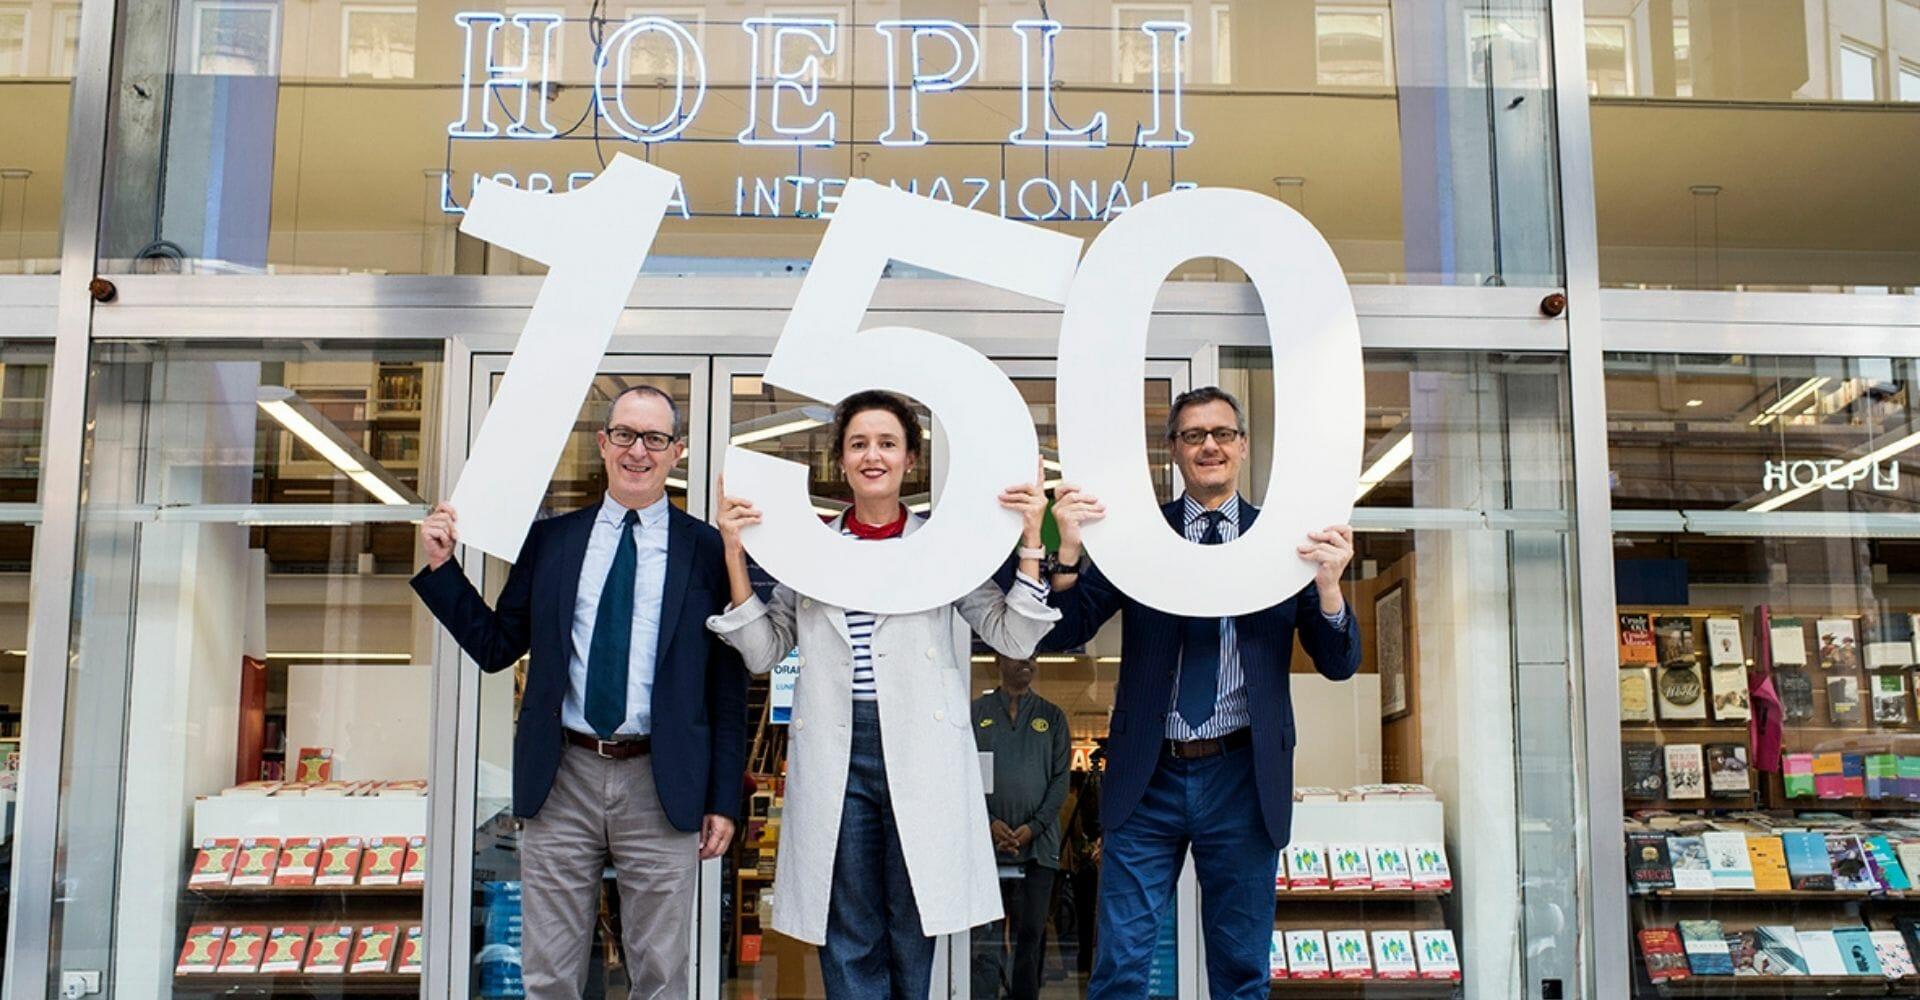 Editoria: le iniziative per i 150 anni di Hoepli